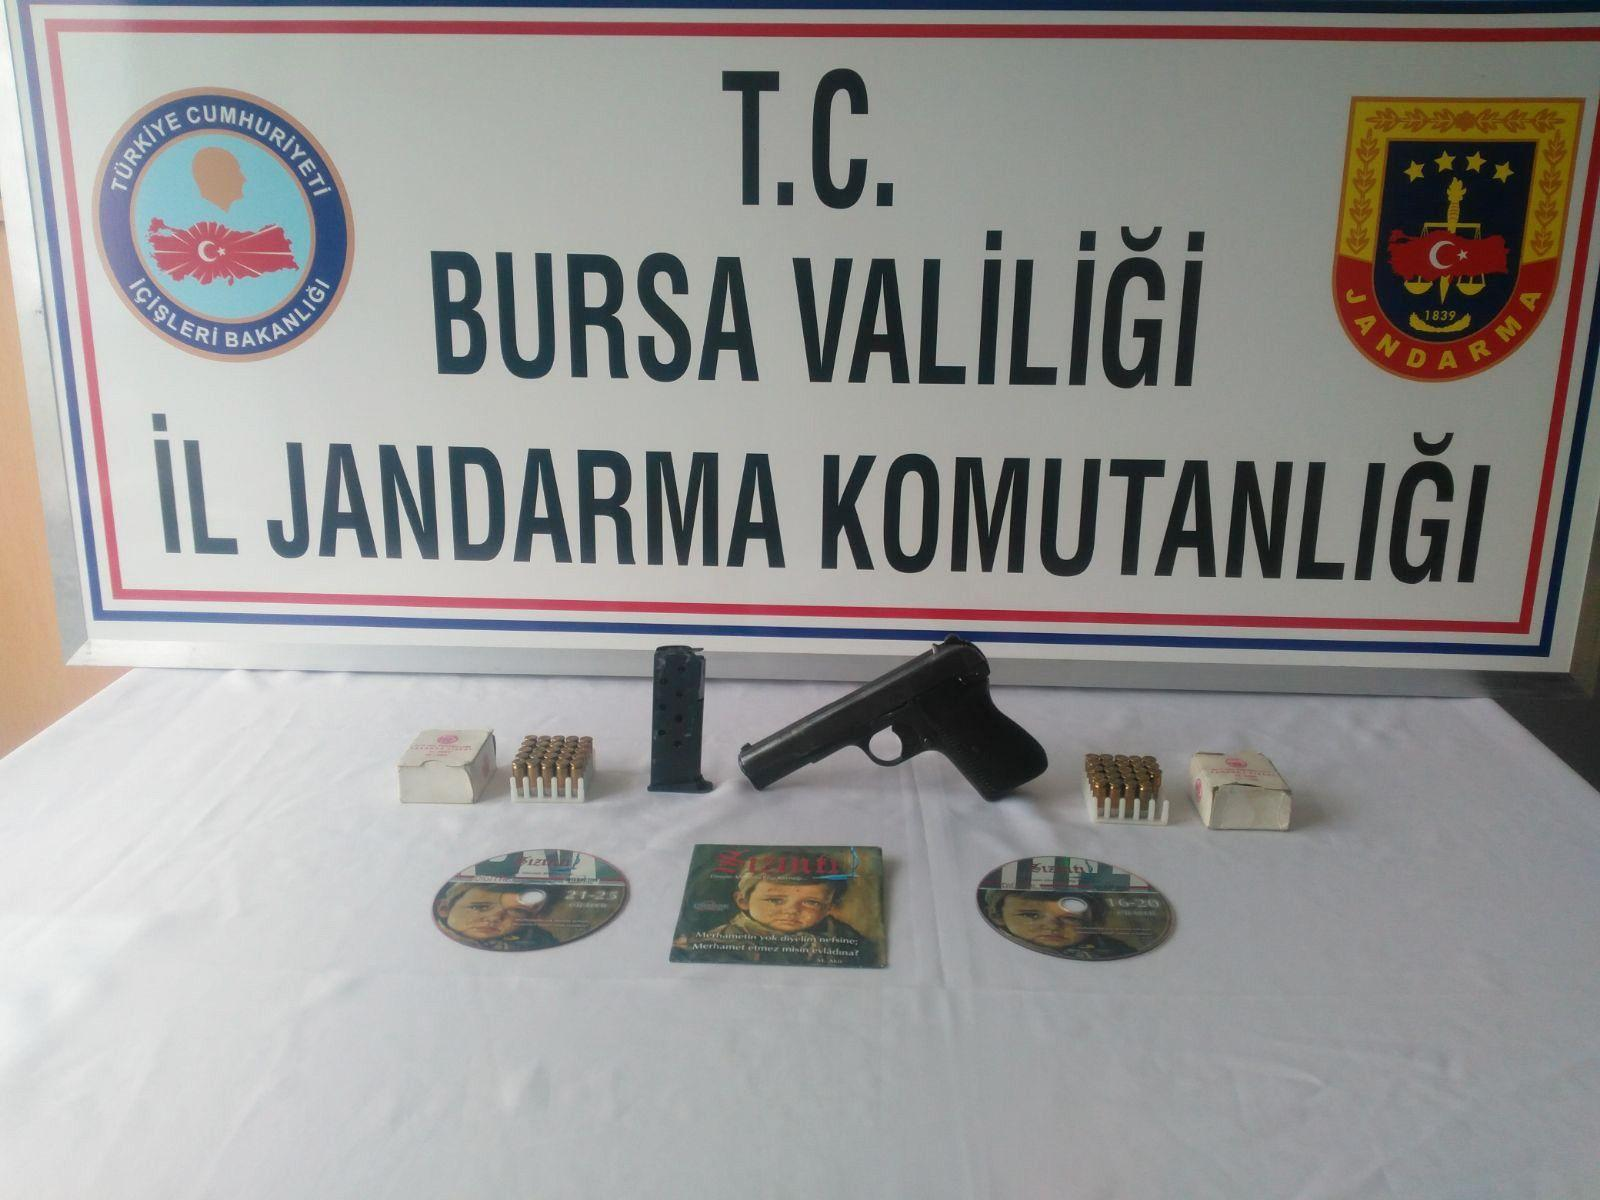 Teör örgütü PKK'nın propagandasını yapan şahsın evinde FETÖ dergileri çıktı